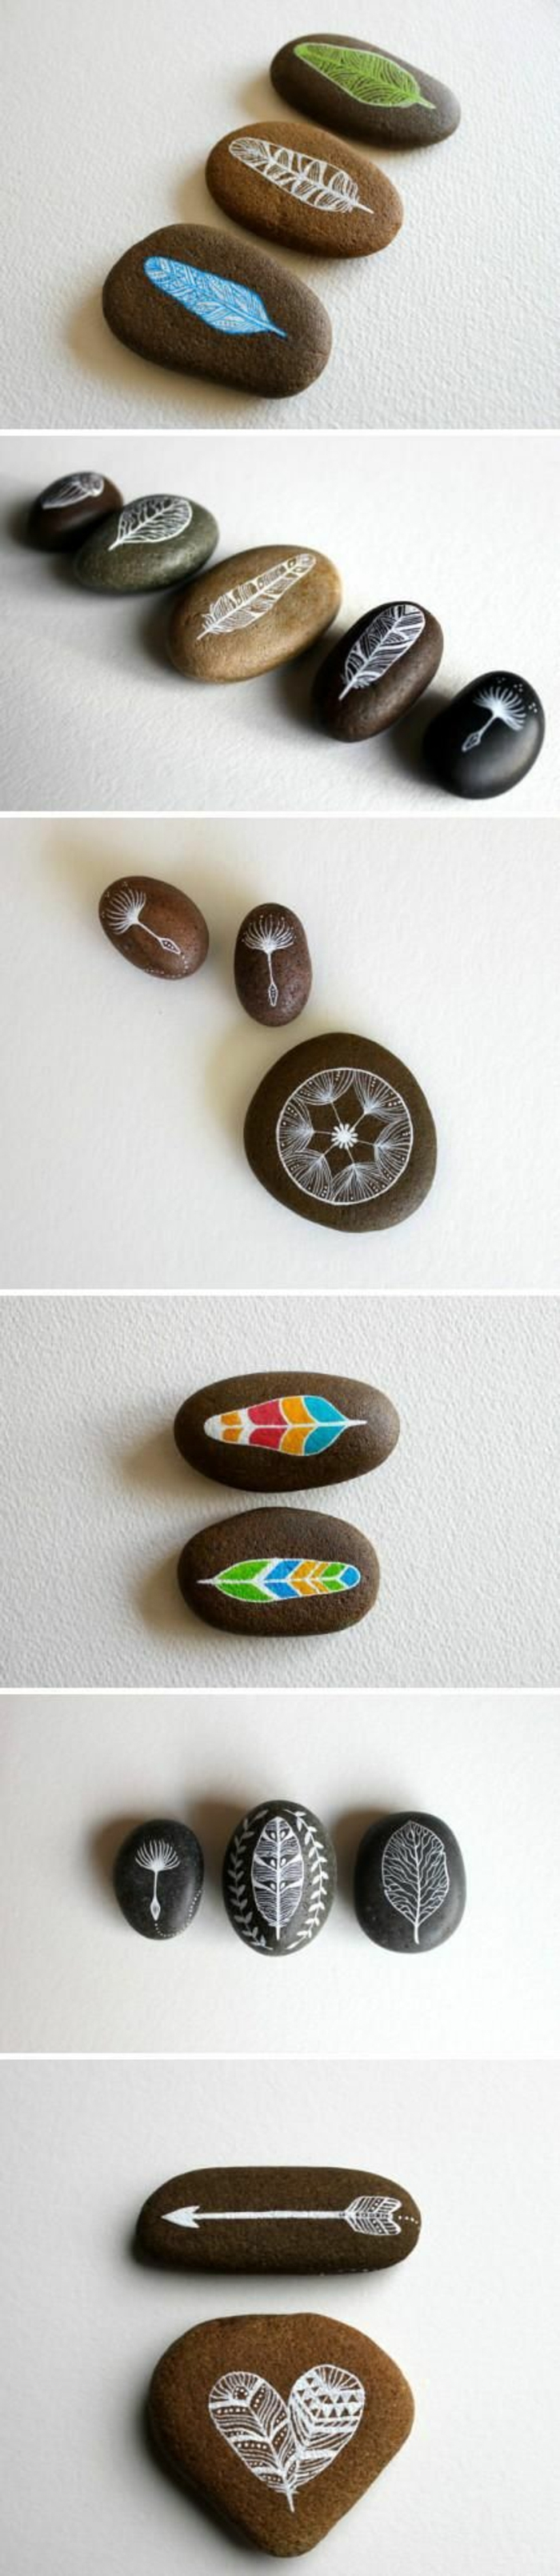 galets-peints-motifs-amerindiens-plumes-et-feuilles-fleches-et-fleurs-idee-d-activité-créative